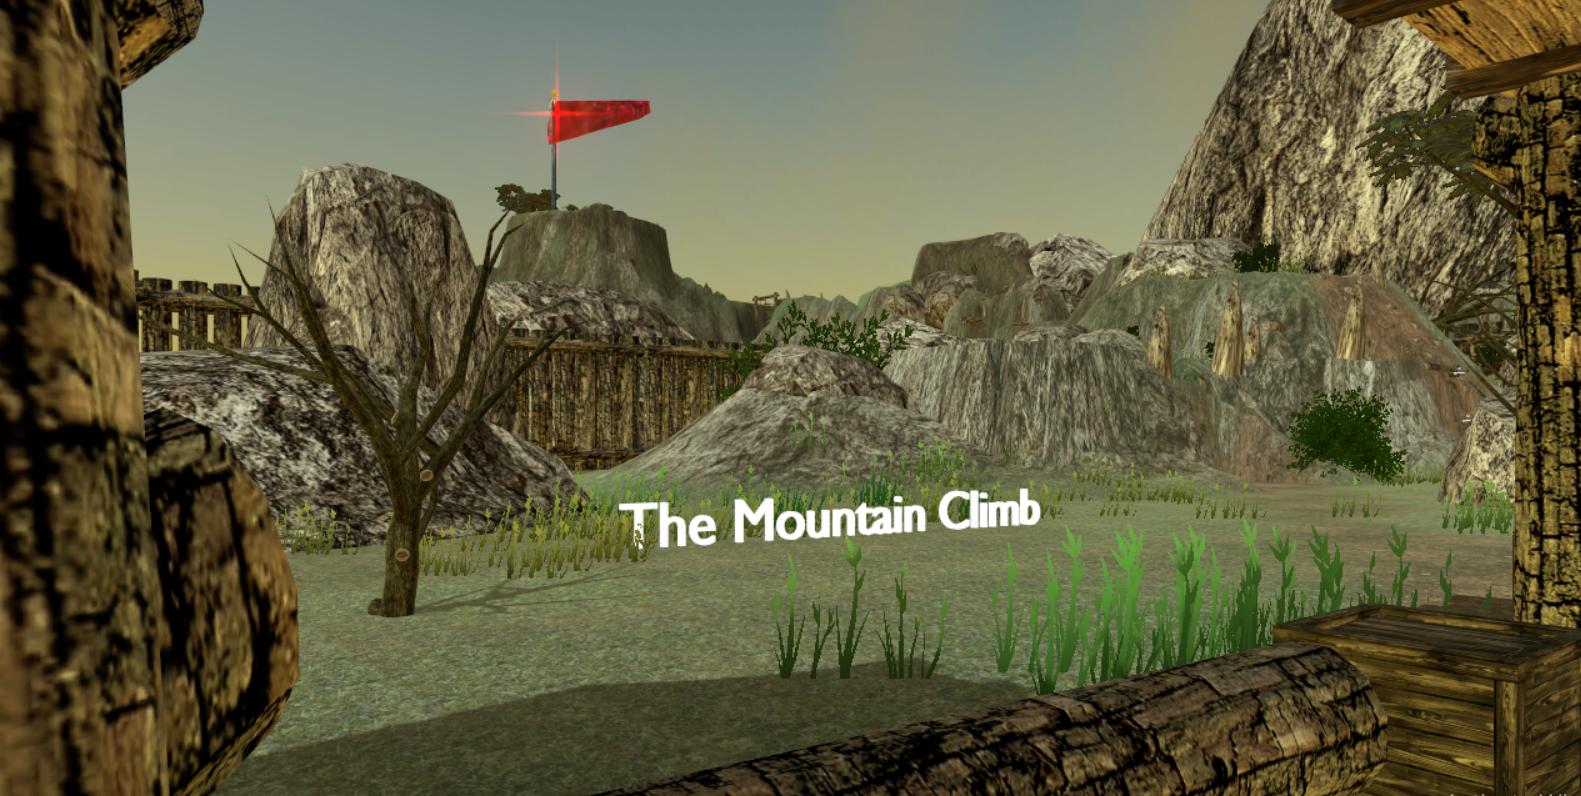 The Mountain Climb